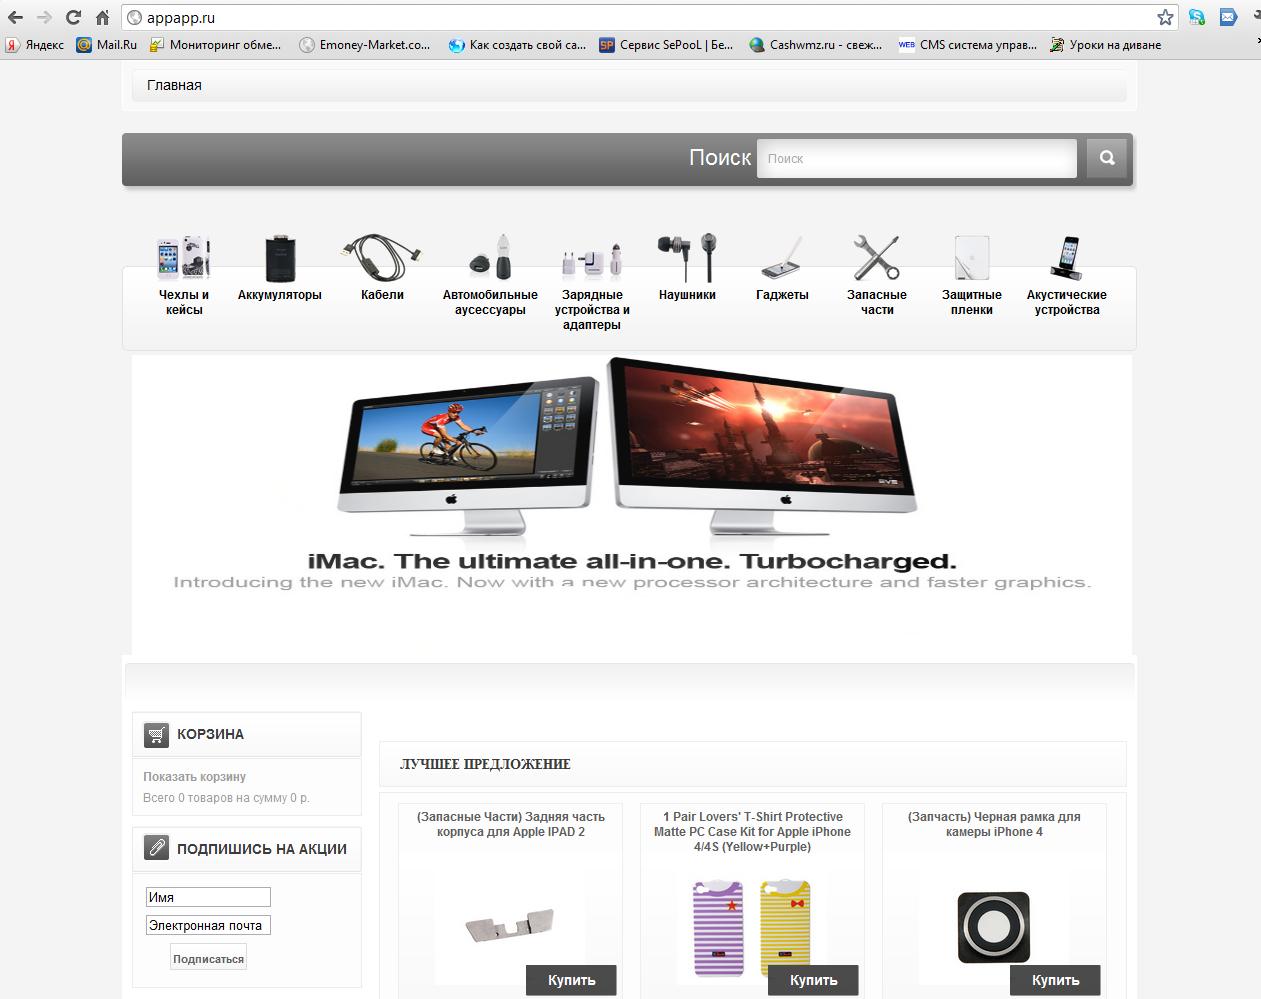 Добавление новых аксессуаров и редактирование уже созданных(Joomla CMS)